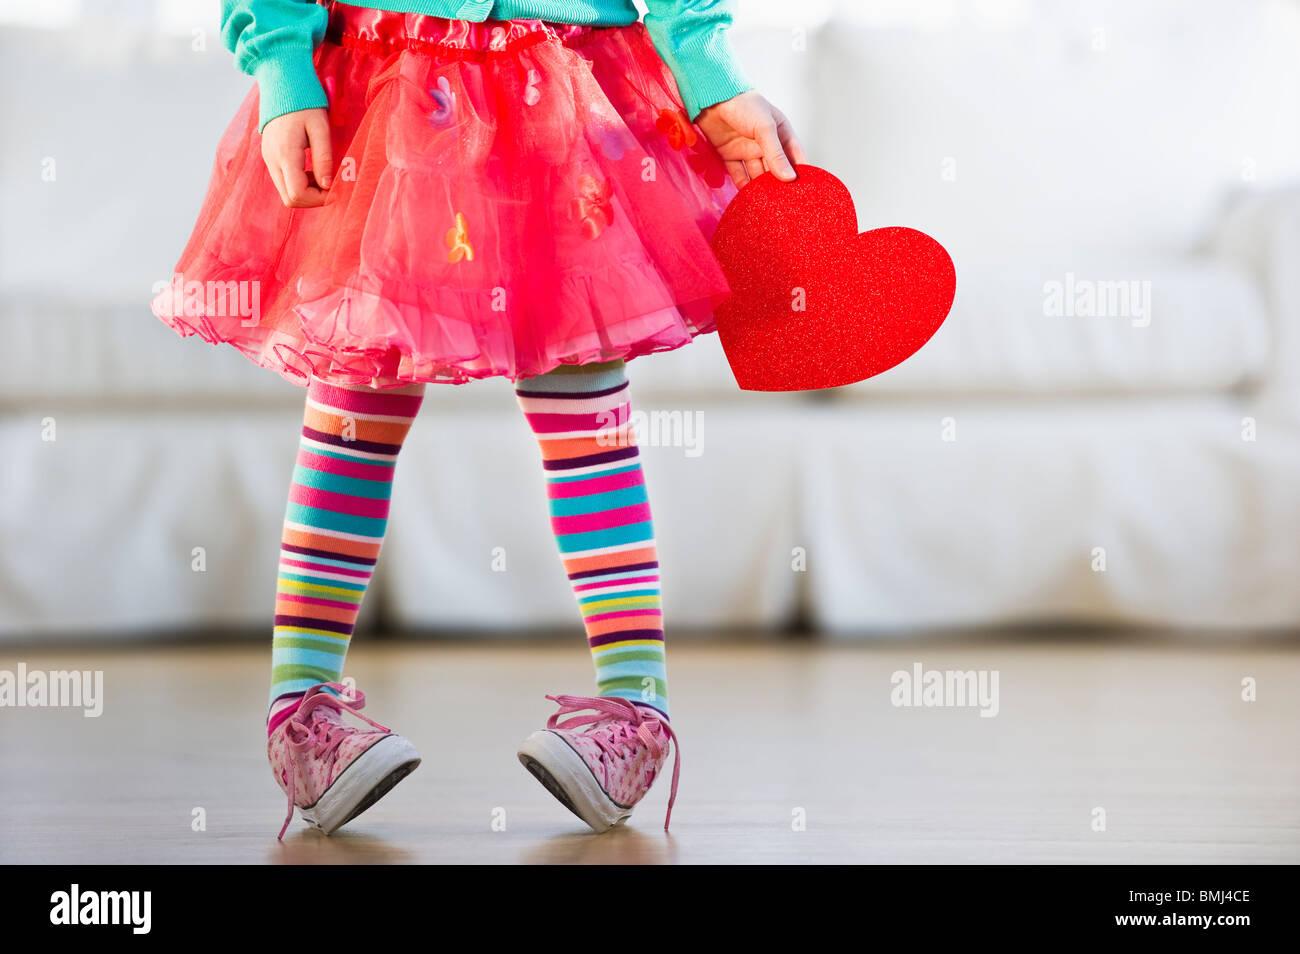 Joven vistiendo coloridos leotardosFoto de stock